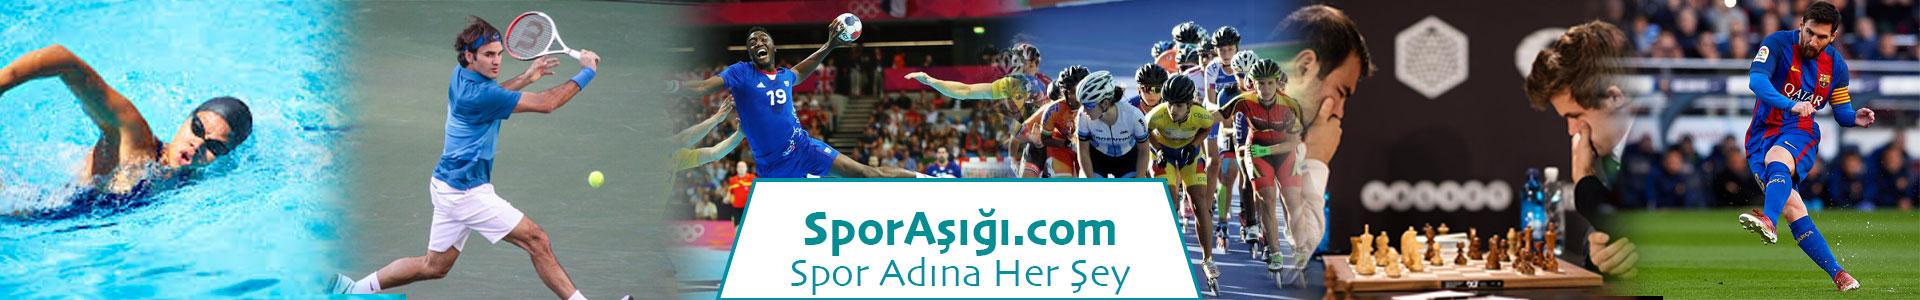 Sporasigi.com